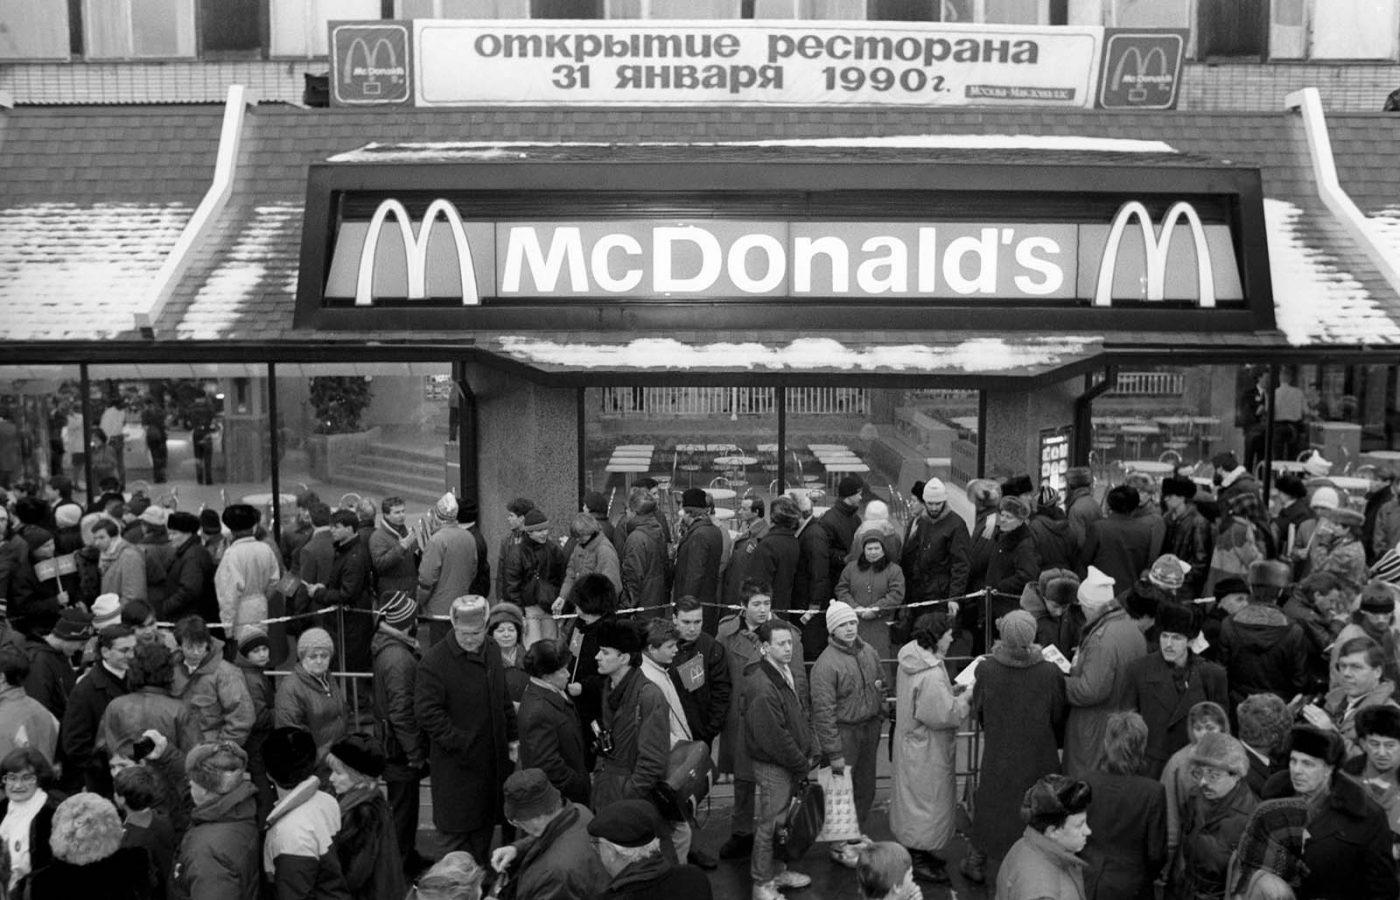 31 января 1990 года первый советский Макдональдс открылся в Москве. Первый Макдональдс в Советском Союзе.